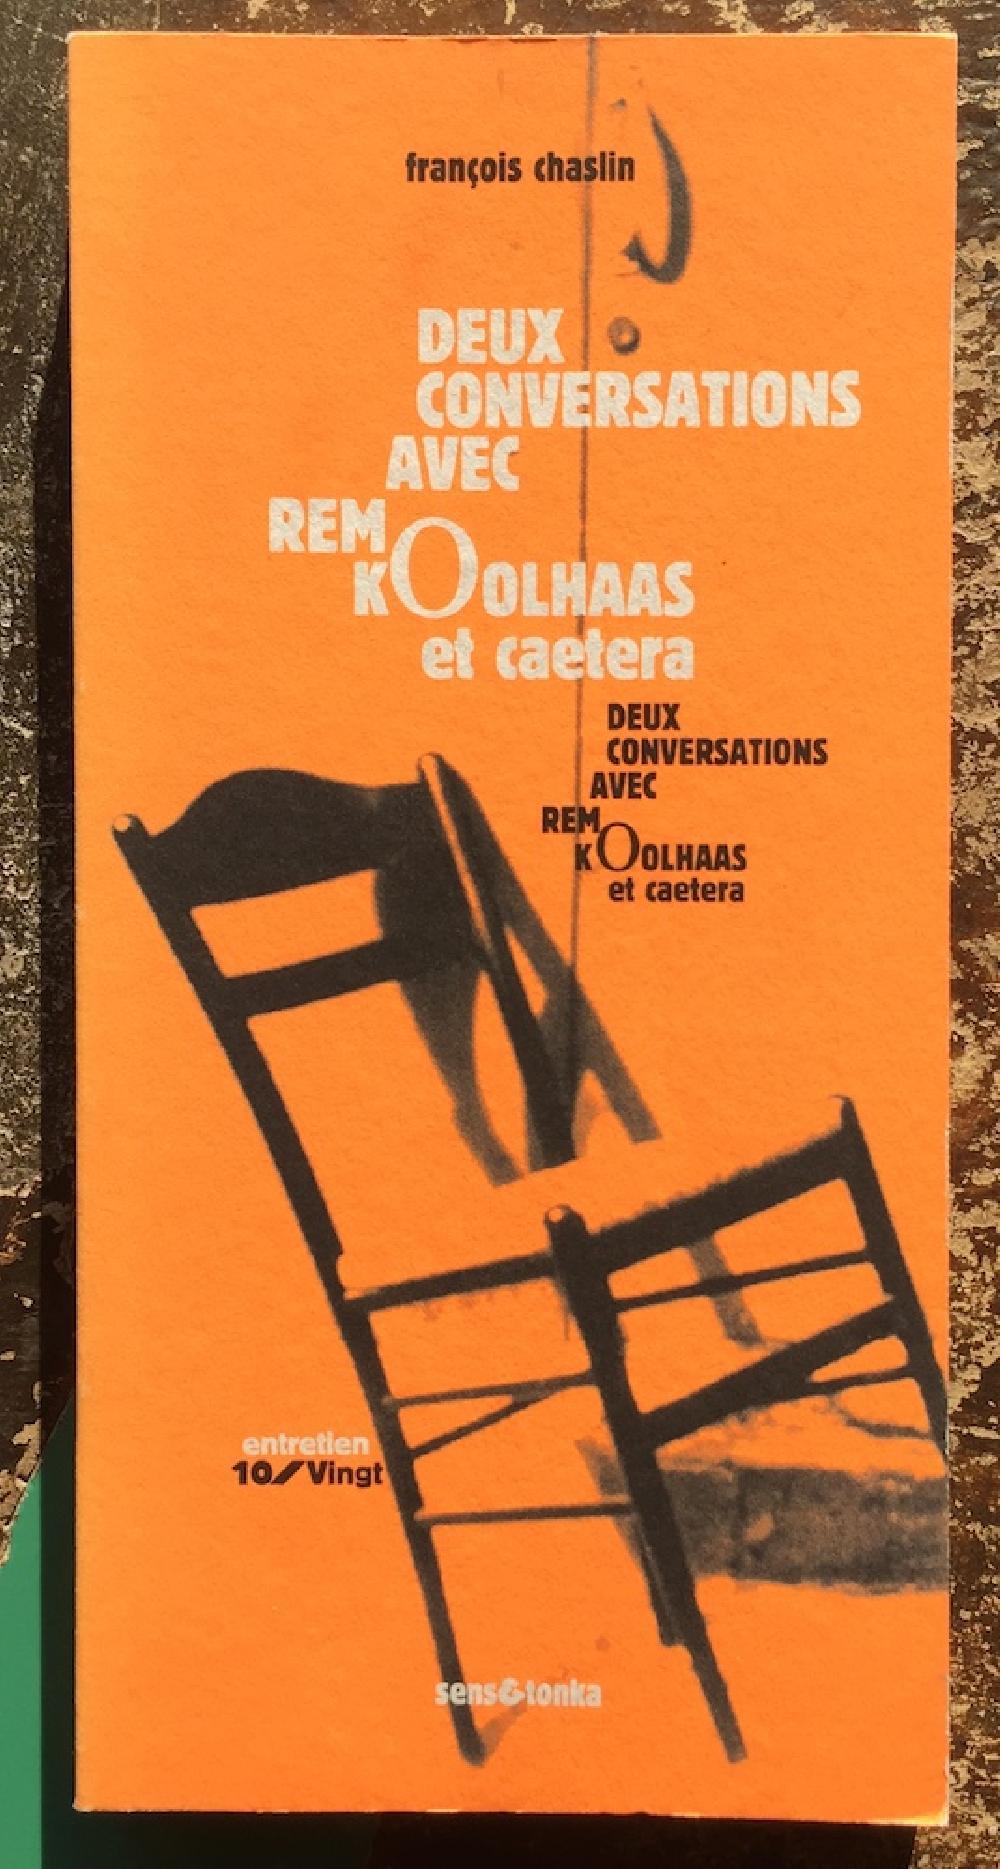 Deux conversations avec Rem Koolhaas, et caetera